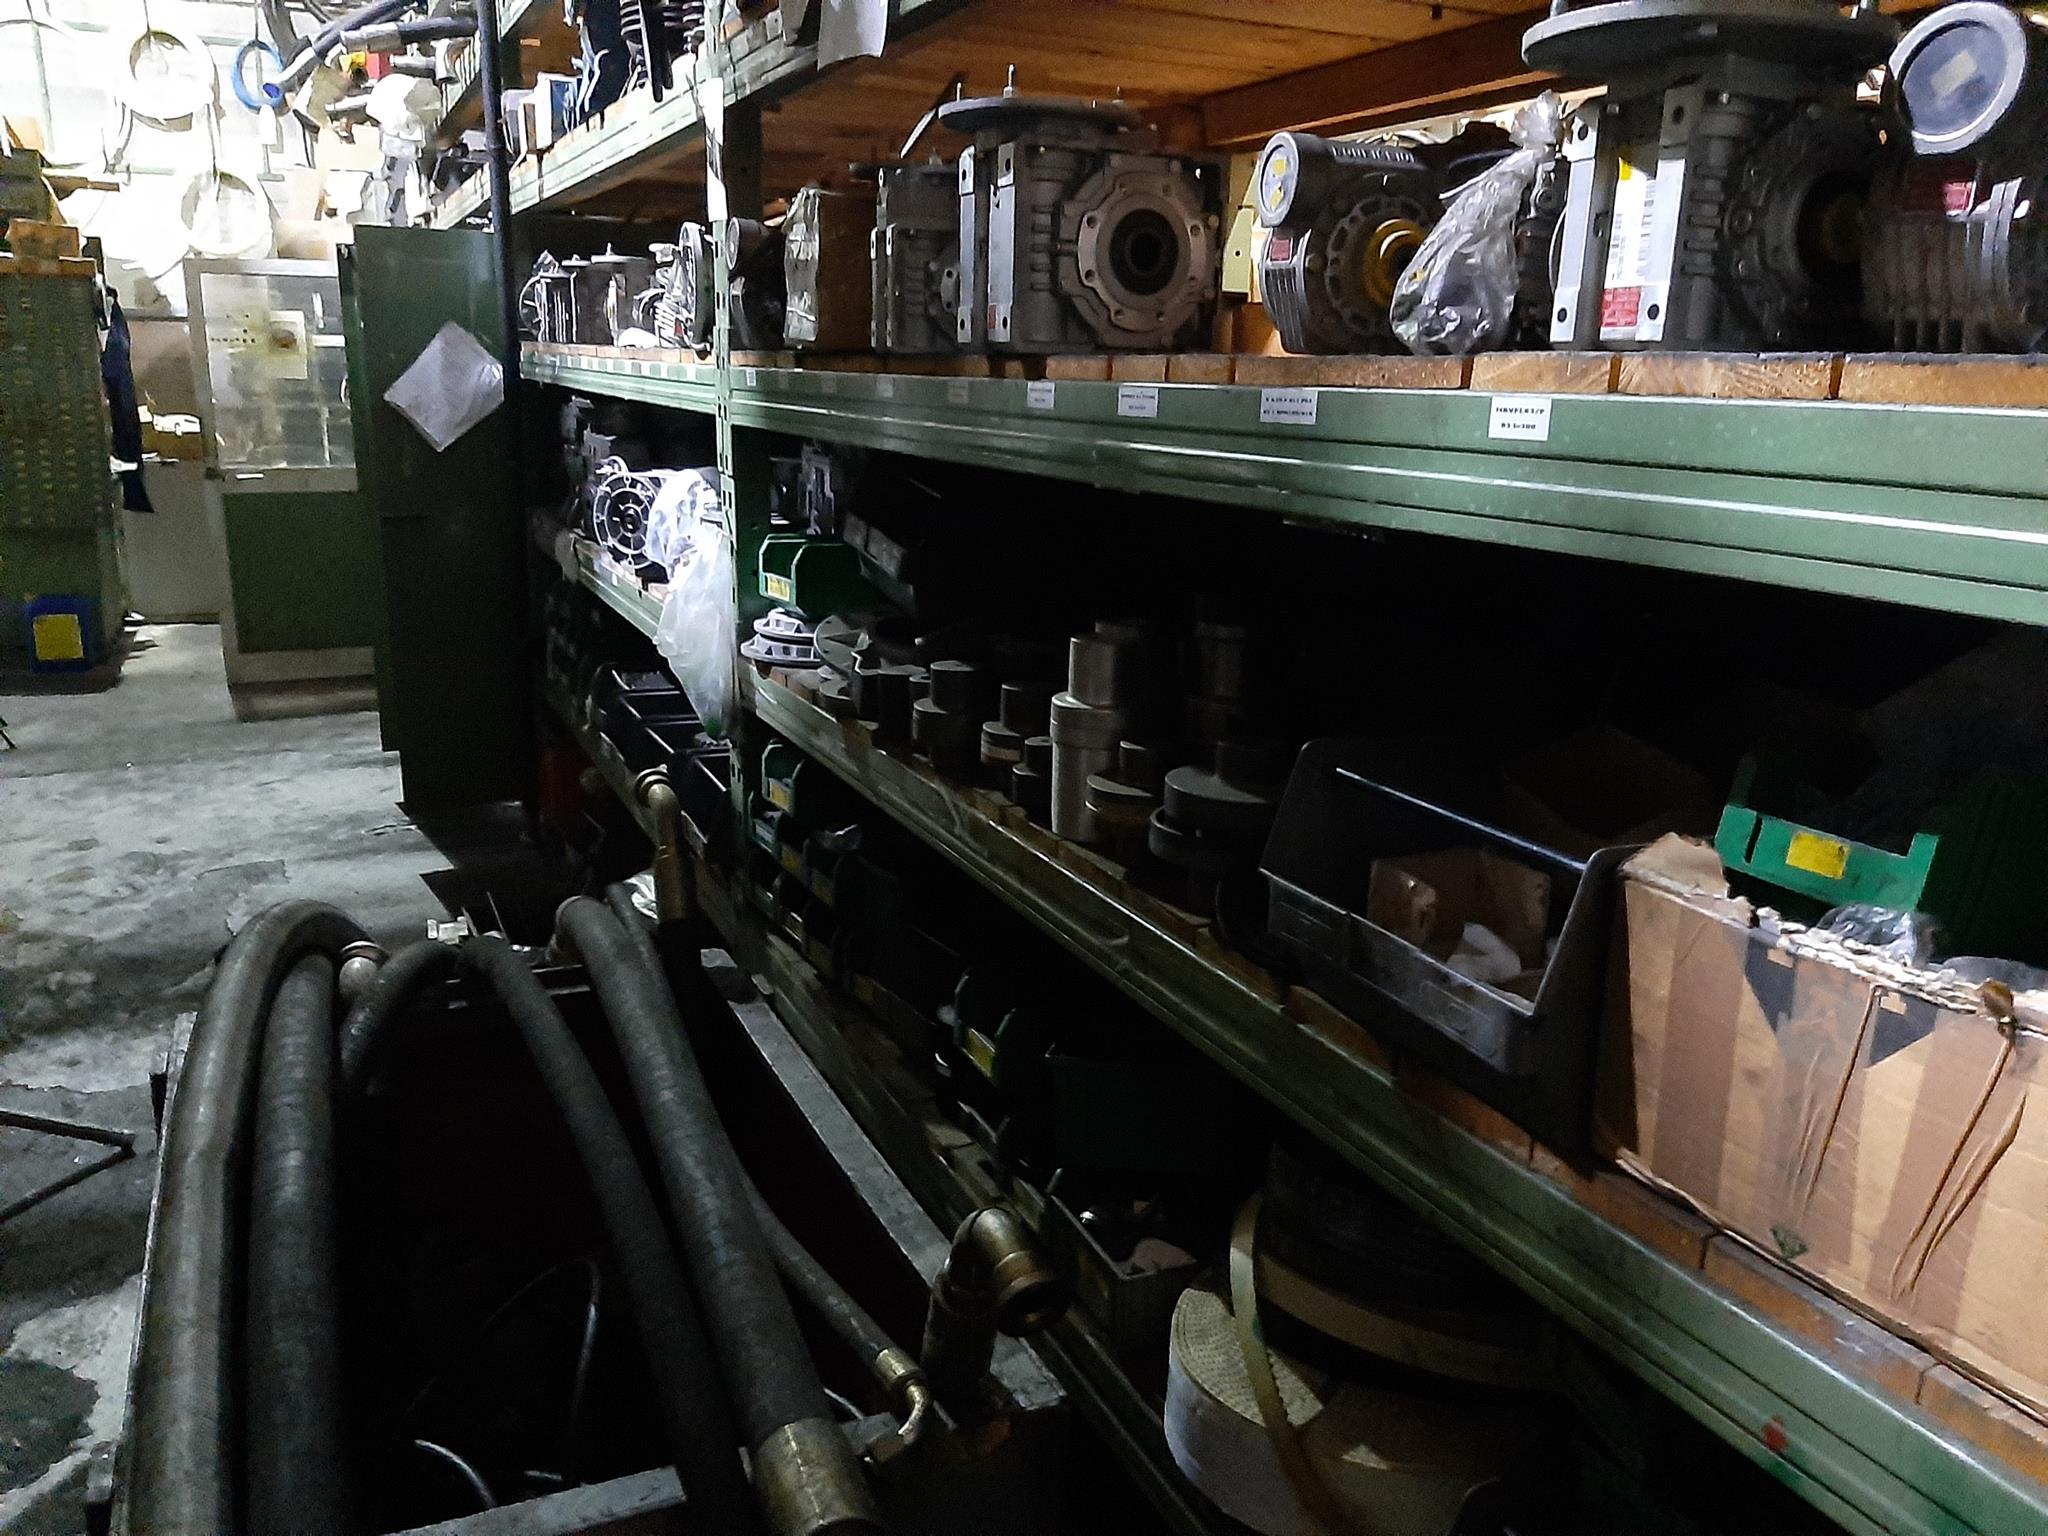 Magazzino componenti meccanici e oleodinamici in vendita - foto 3